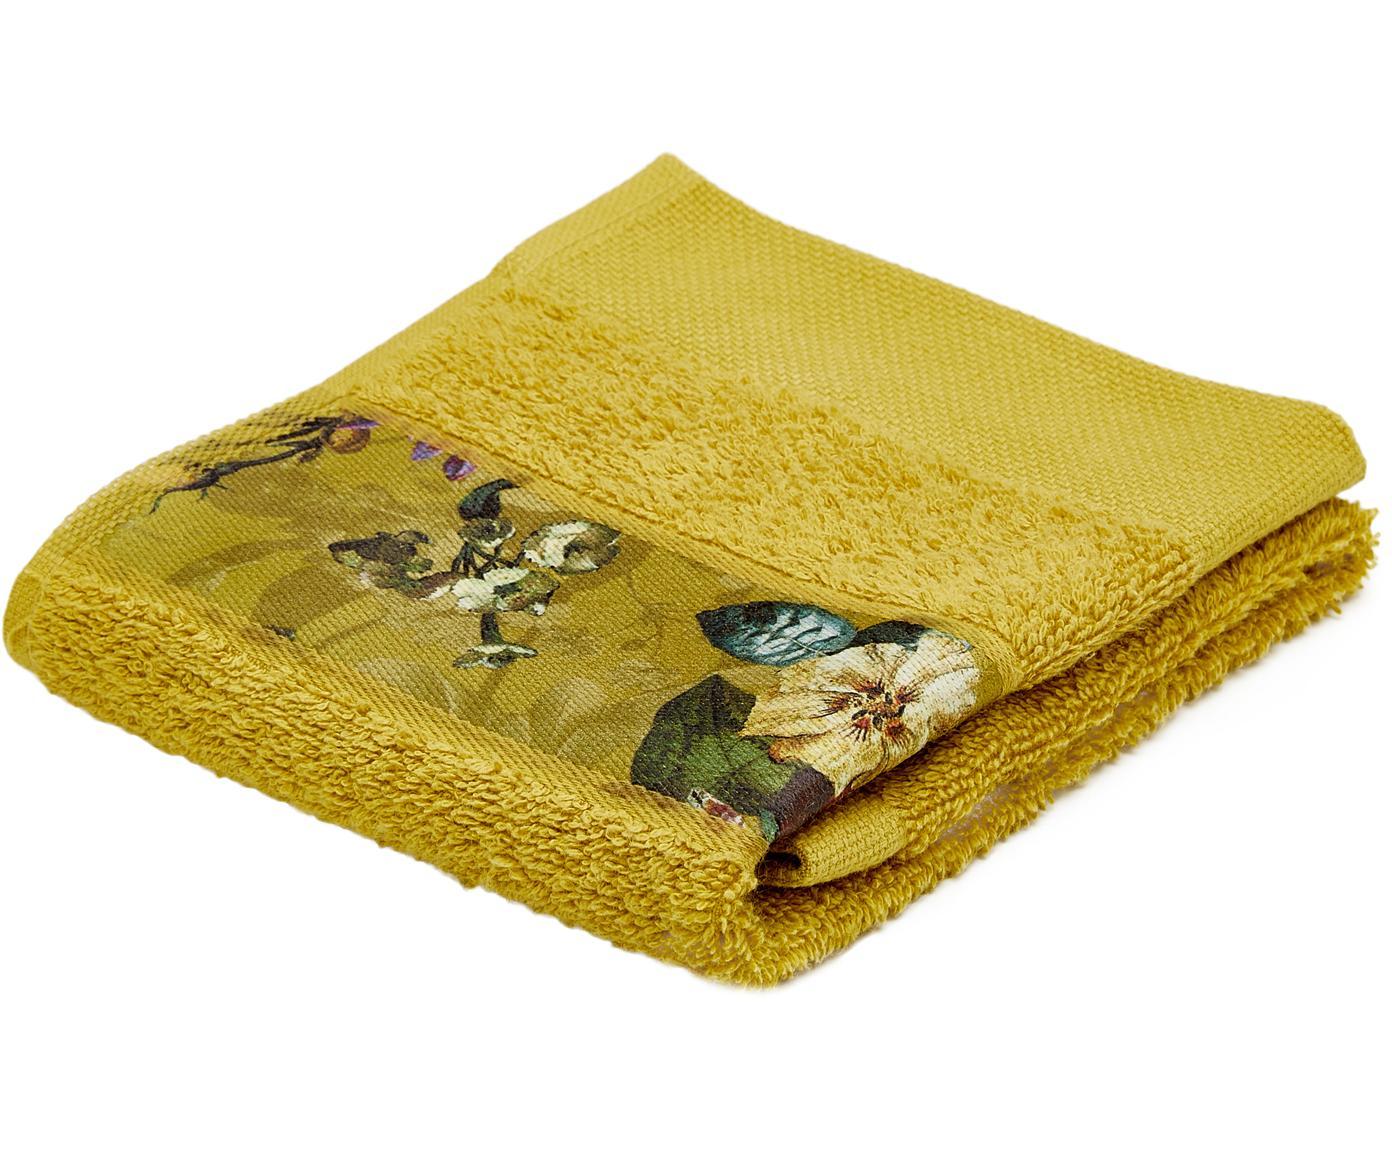 Ręcznik Fleur, 97% bawełna, 3% poliester, Musztardowy, wielobarwny, Ręcznik dla gości